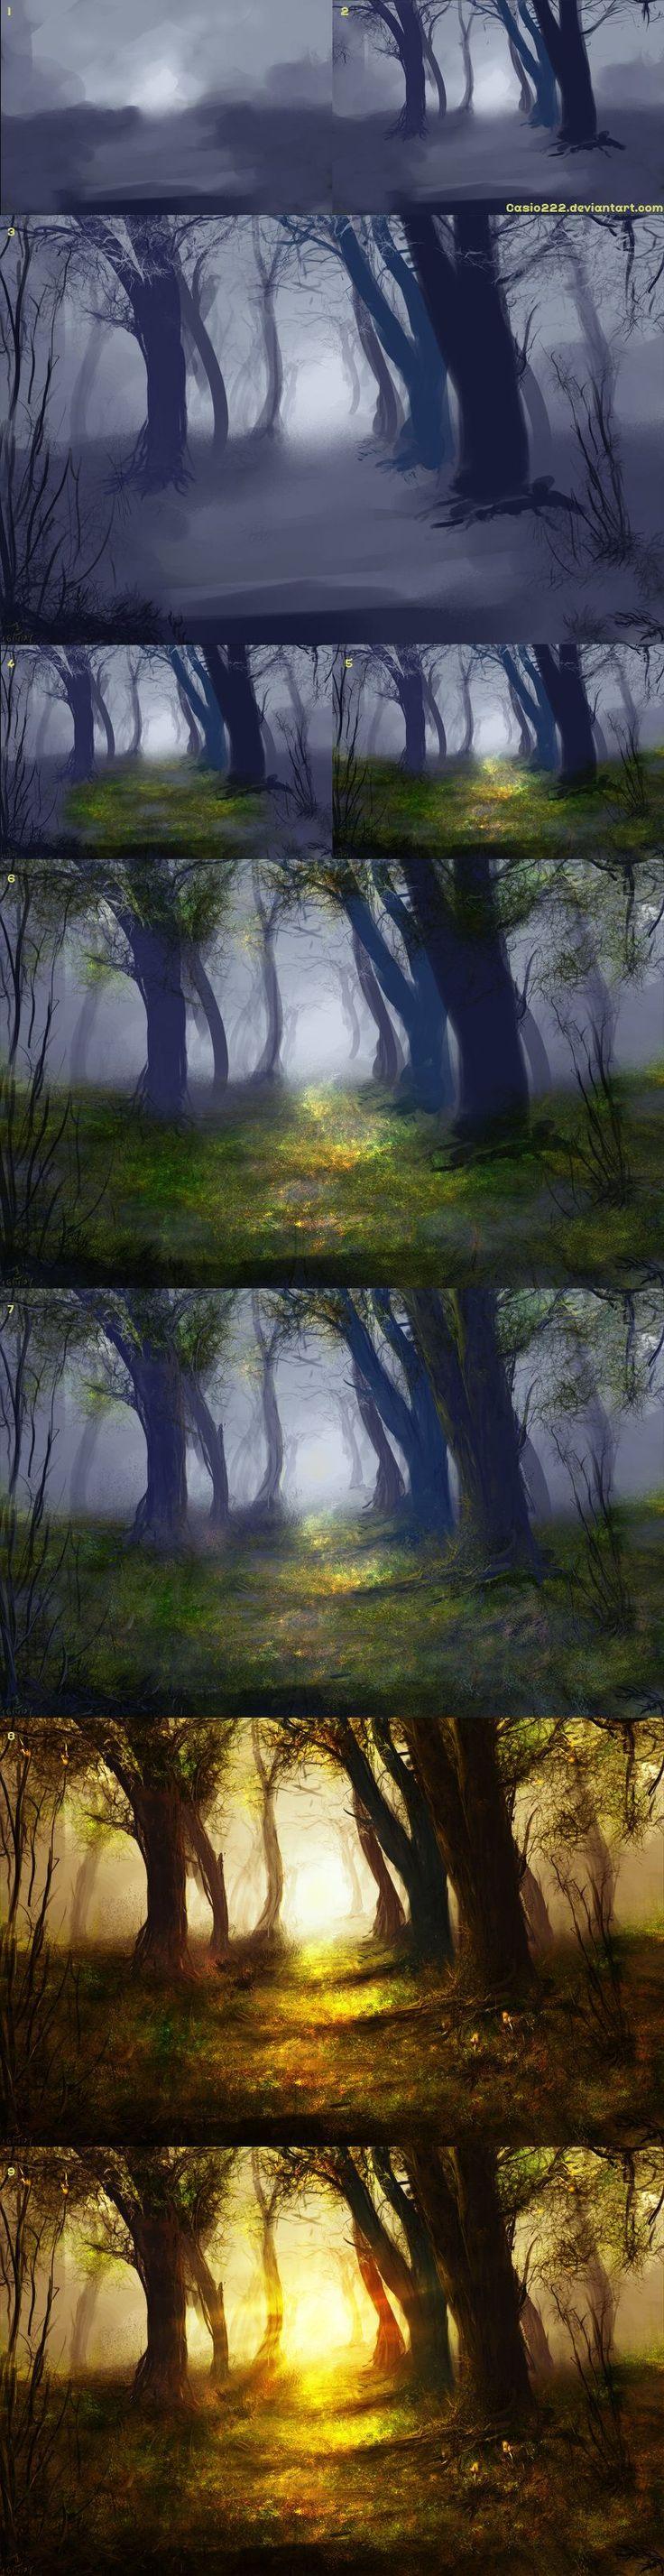 Beyond The Path - Process by AmitSadik